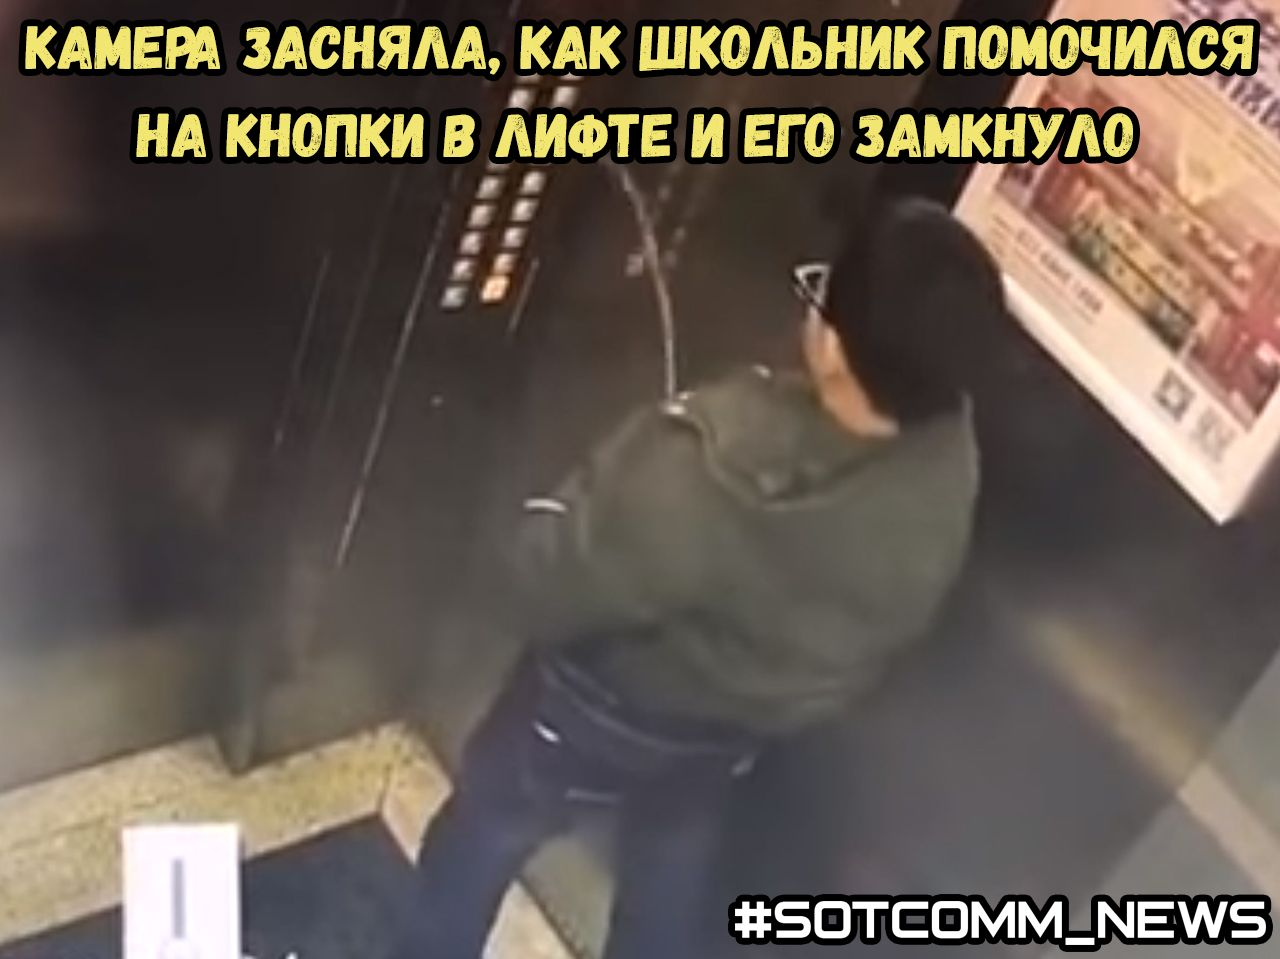 Камера засняла, как школьник помочился на кнопки в лифте и его замкнуло